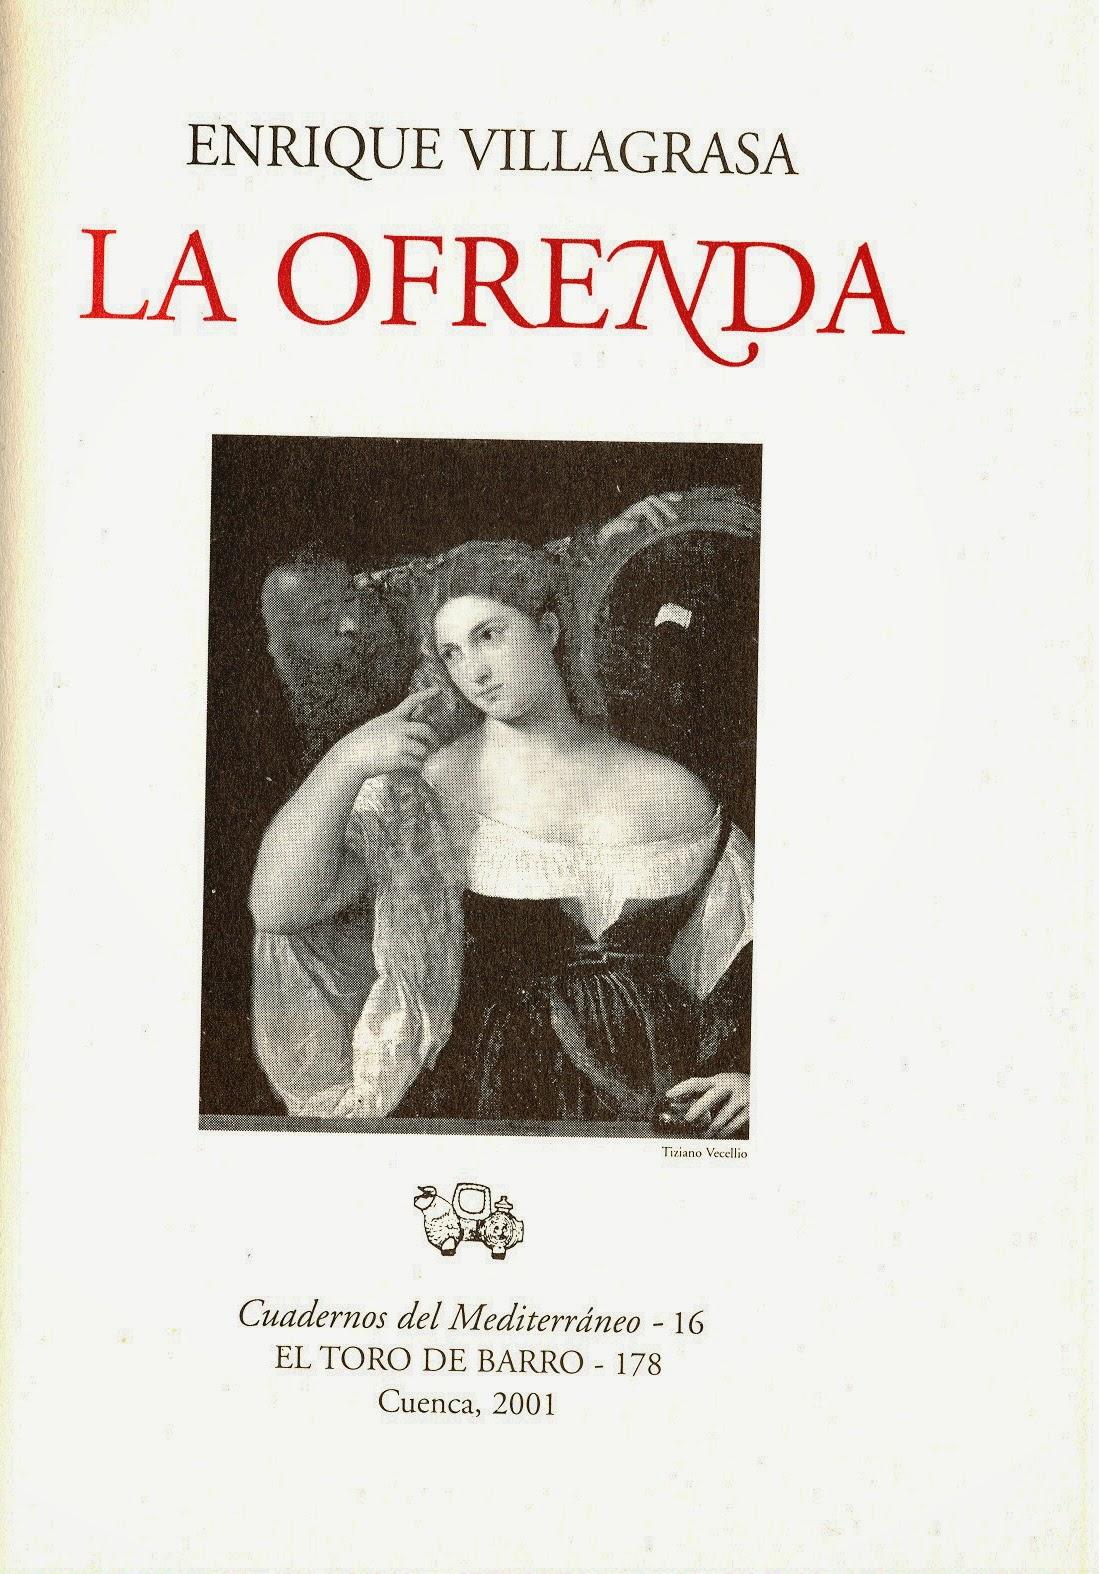 """Enrique Villagrasa, """"La Ofrenda"""". Col. Cuadernos del Mediterráneo. Ed. El Toro de Barro, Tarancón de Cuenca 2001. edicioneseltorodebarro@yahoo.es"""